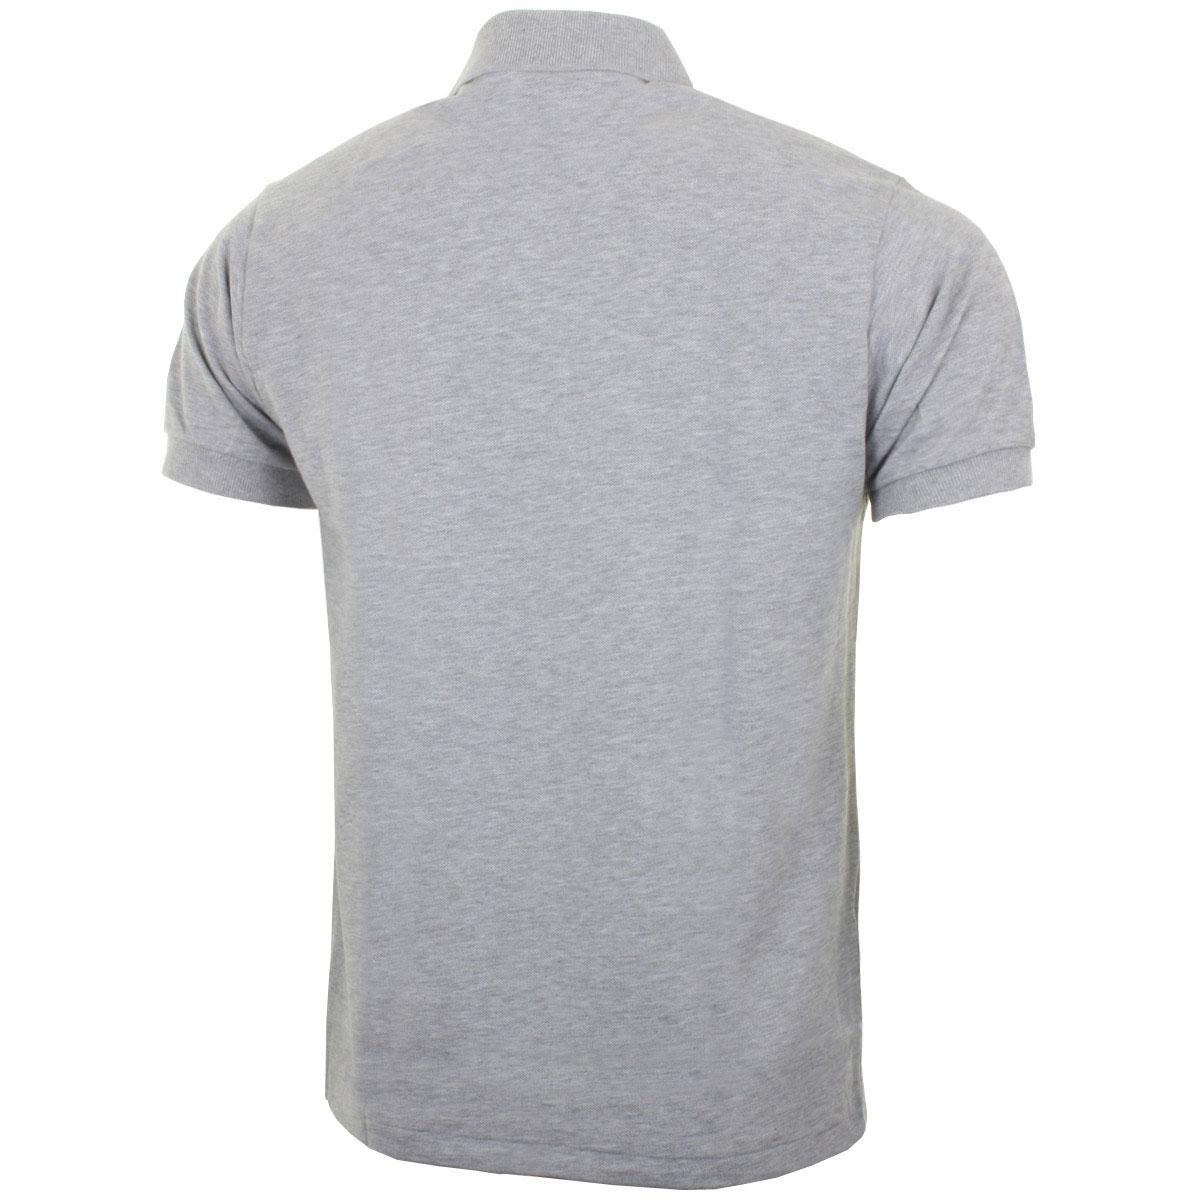 c84c58eaec0 Lacoste 2015 Mens L1264 Orginal Mottled L1212 Polo Shirt Size 5 - L ...